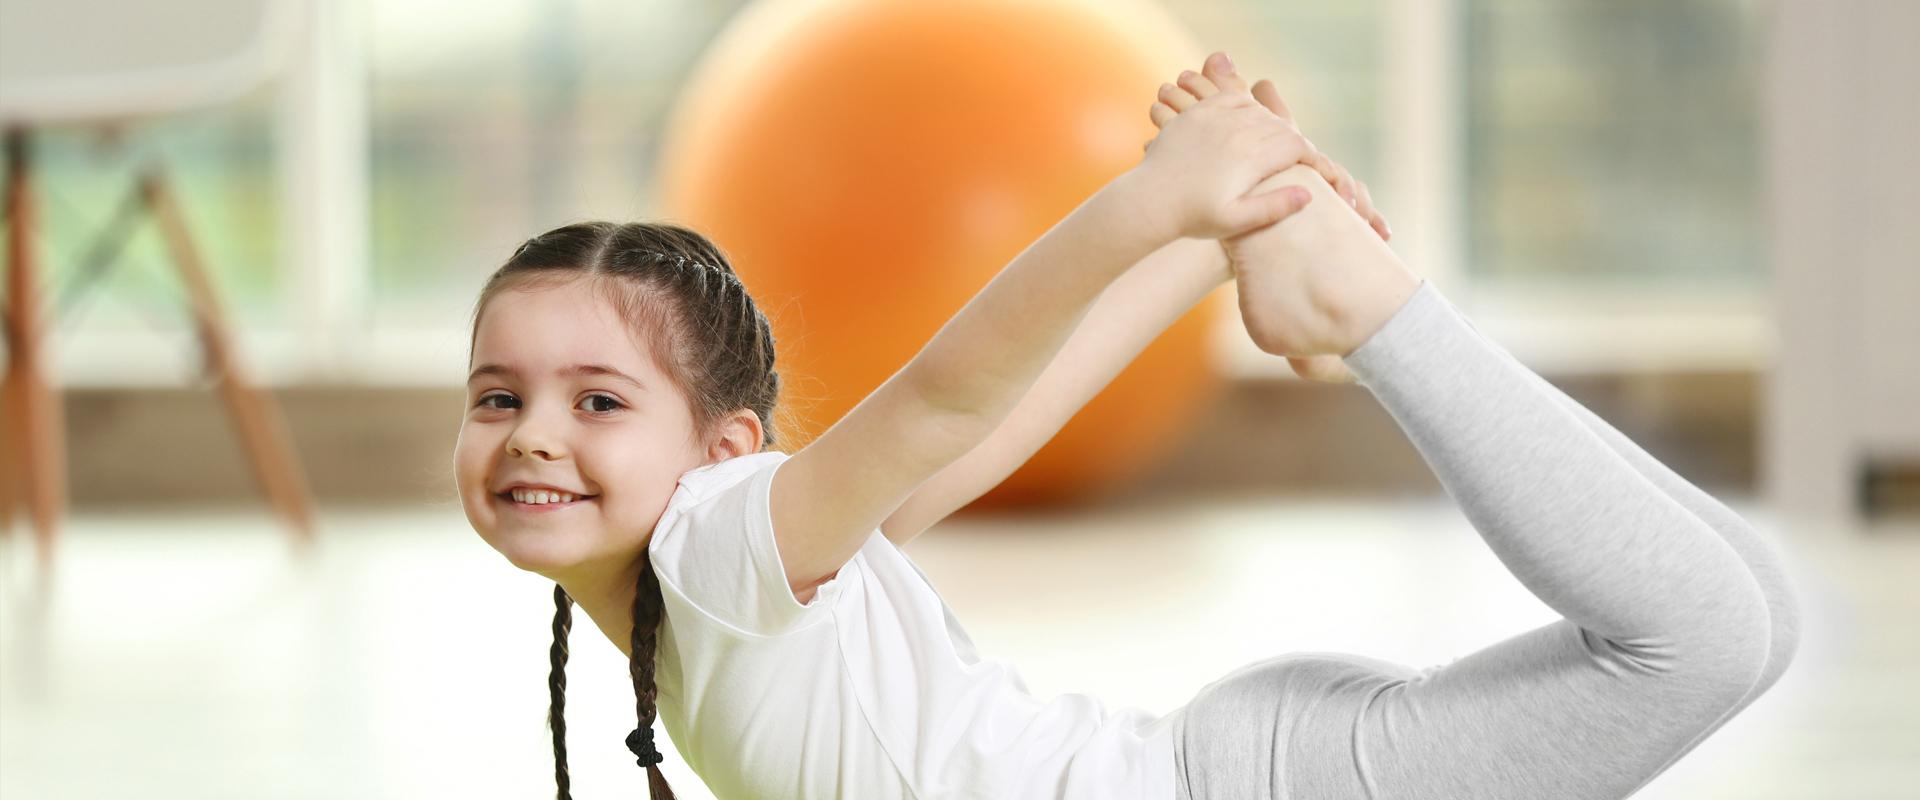 Dlaczego warto, żeby dzieci ćwiczyły jogę?